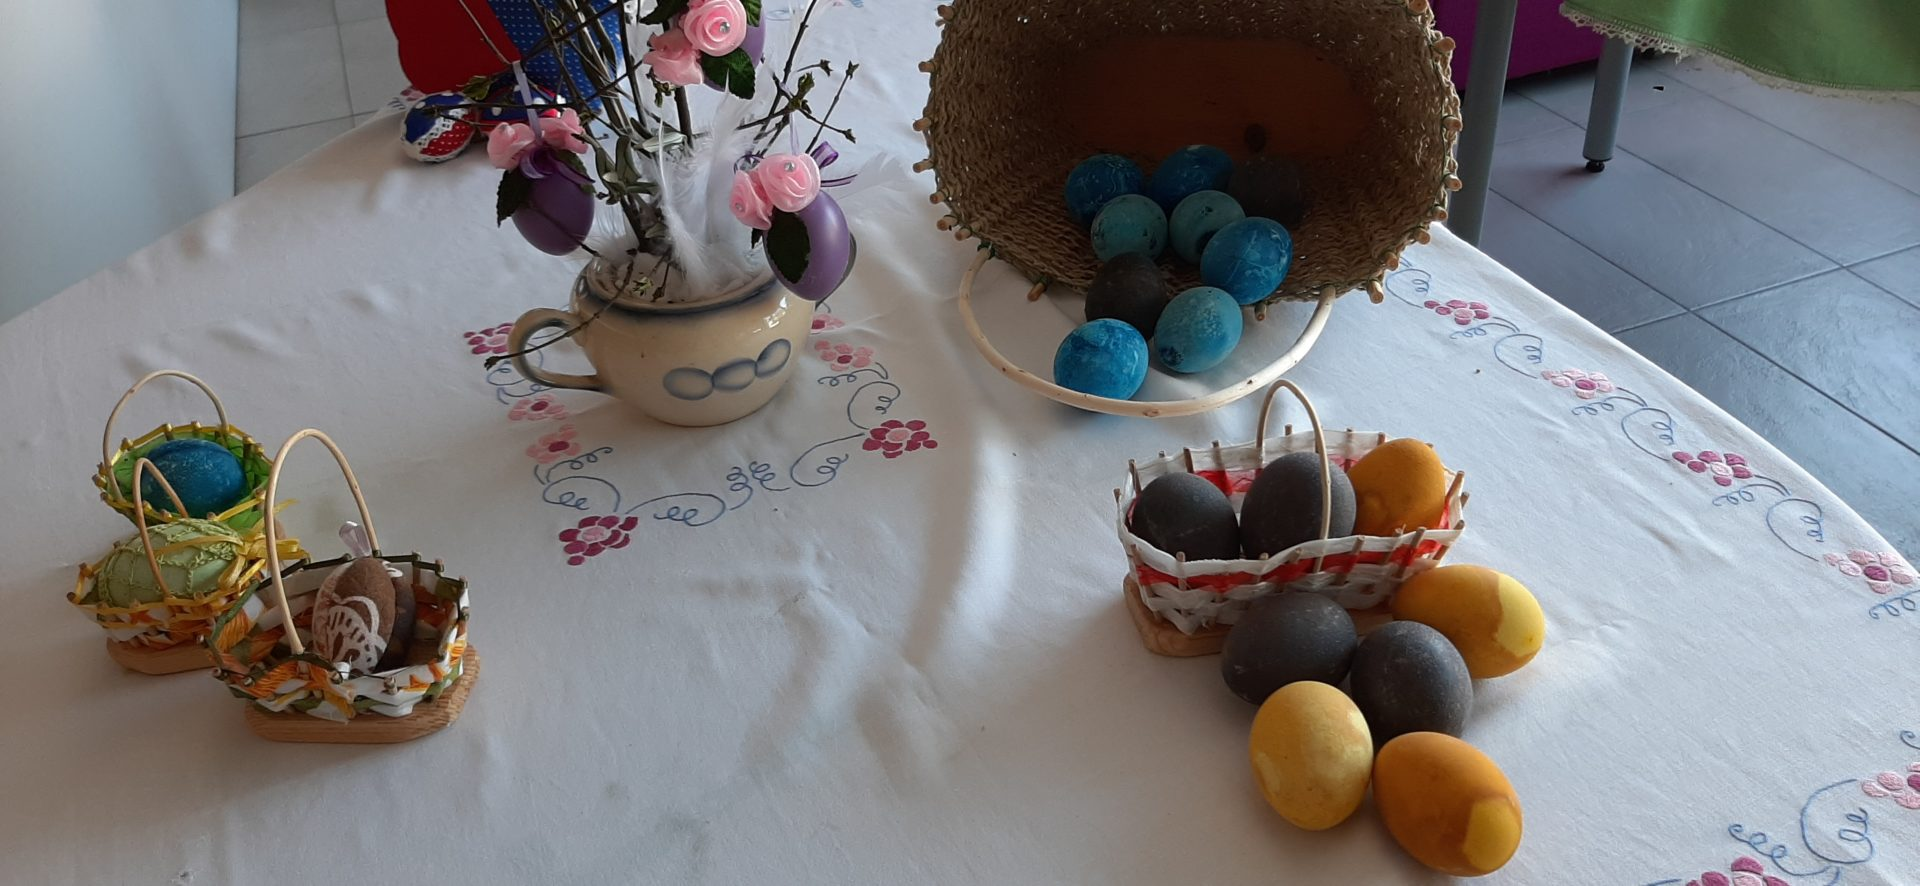 20210326 115601 - Velikonočna razstava Društva Klasje Cerknica